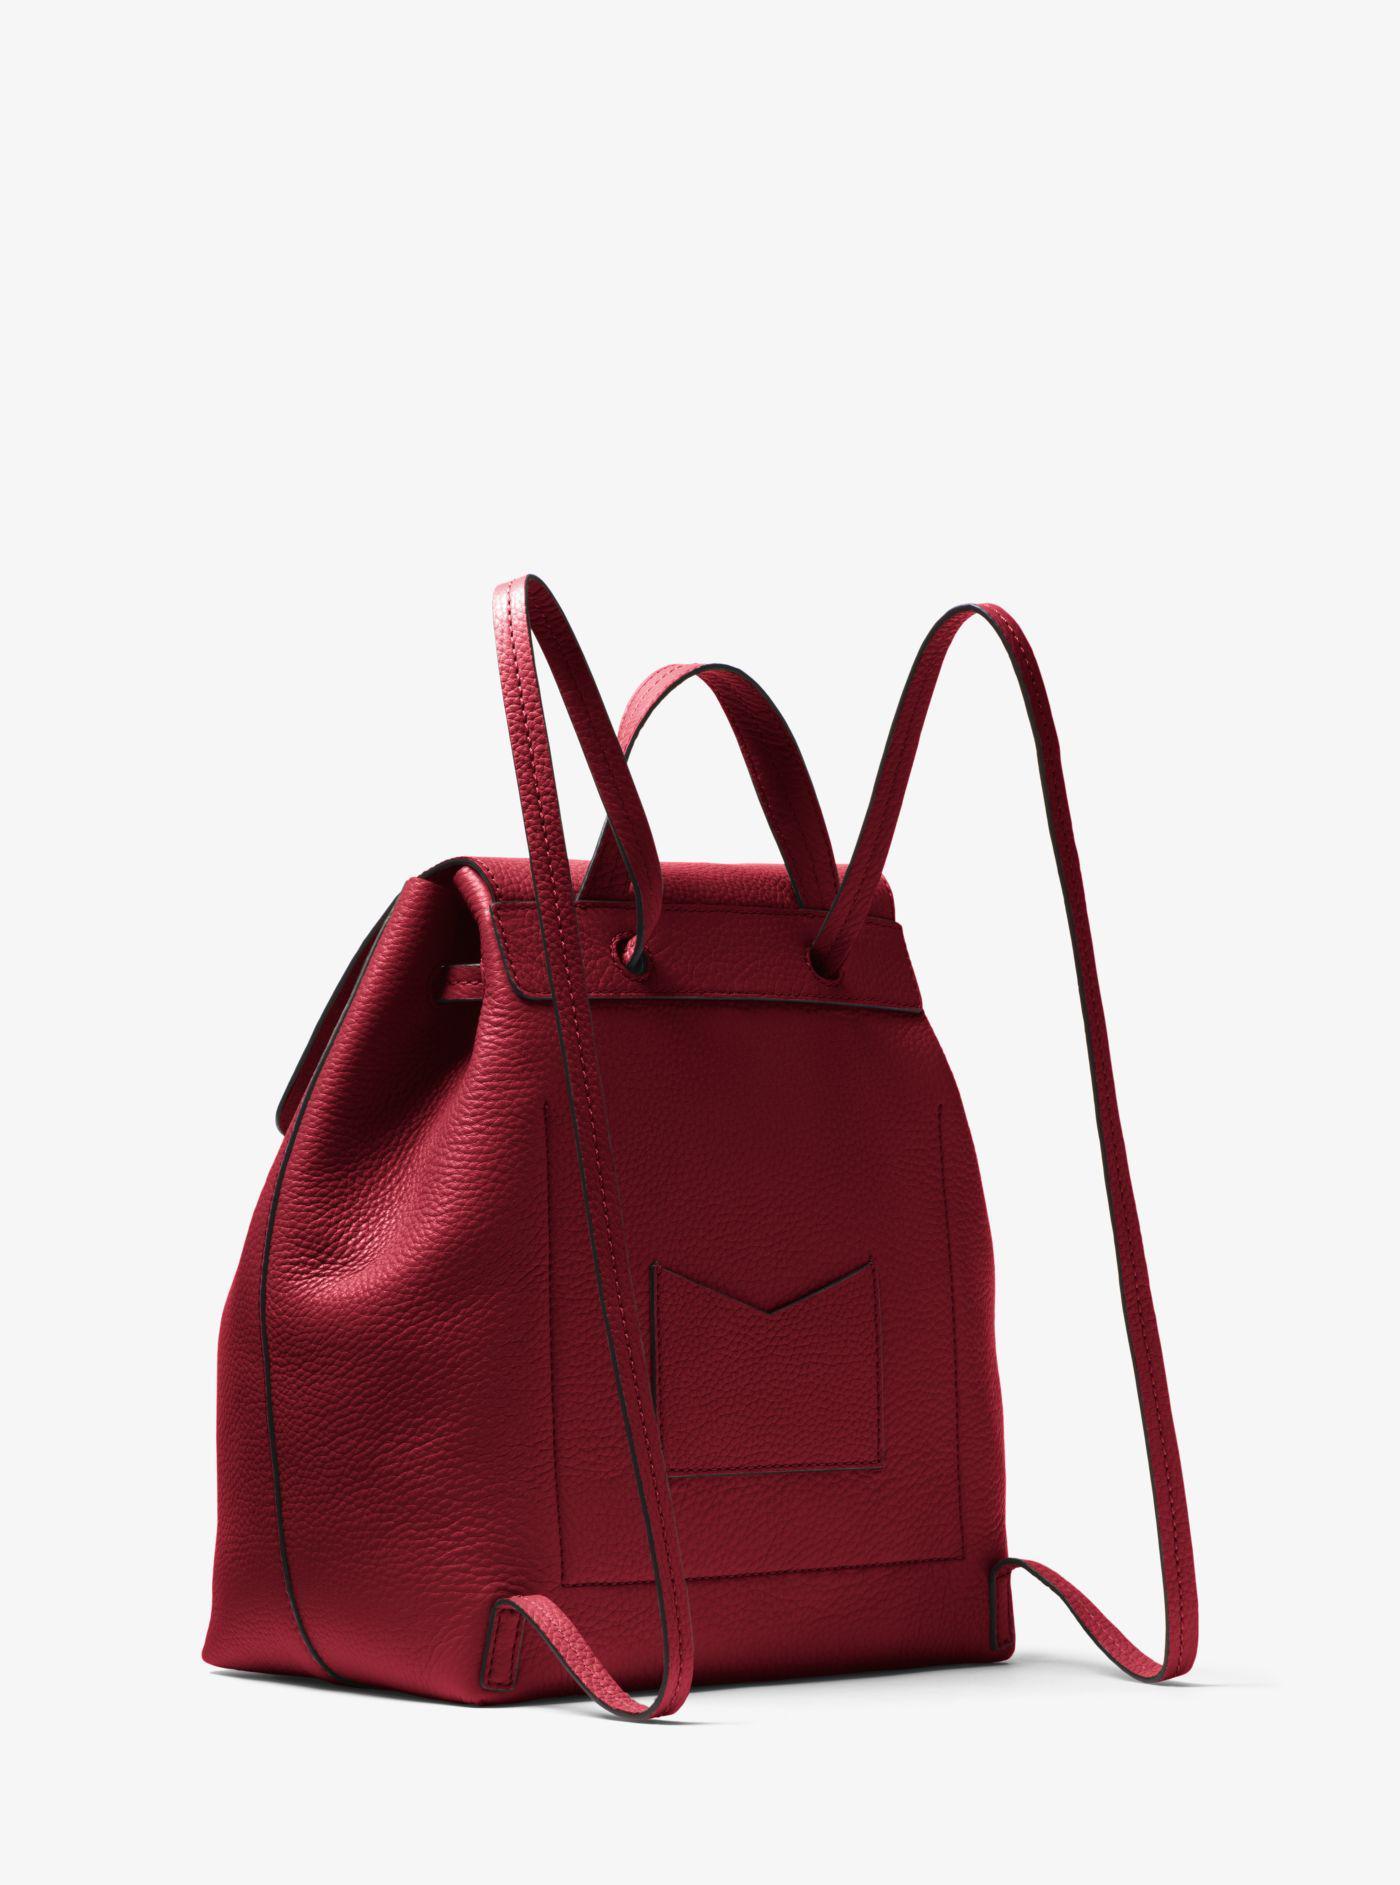 885eaecb8efc05 Michael Kors Junie Medium Pebbled Leather Backpack in Red - Lyst